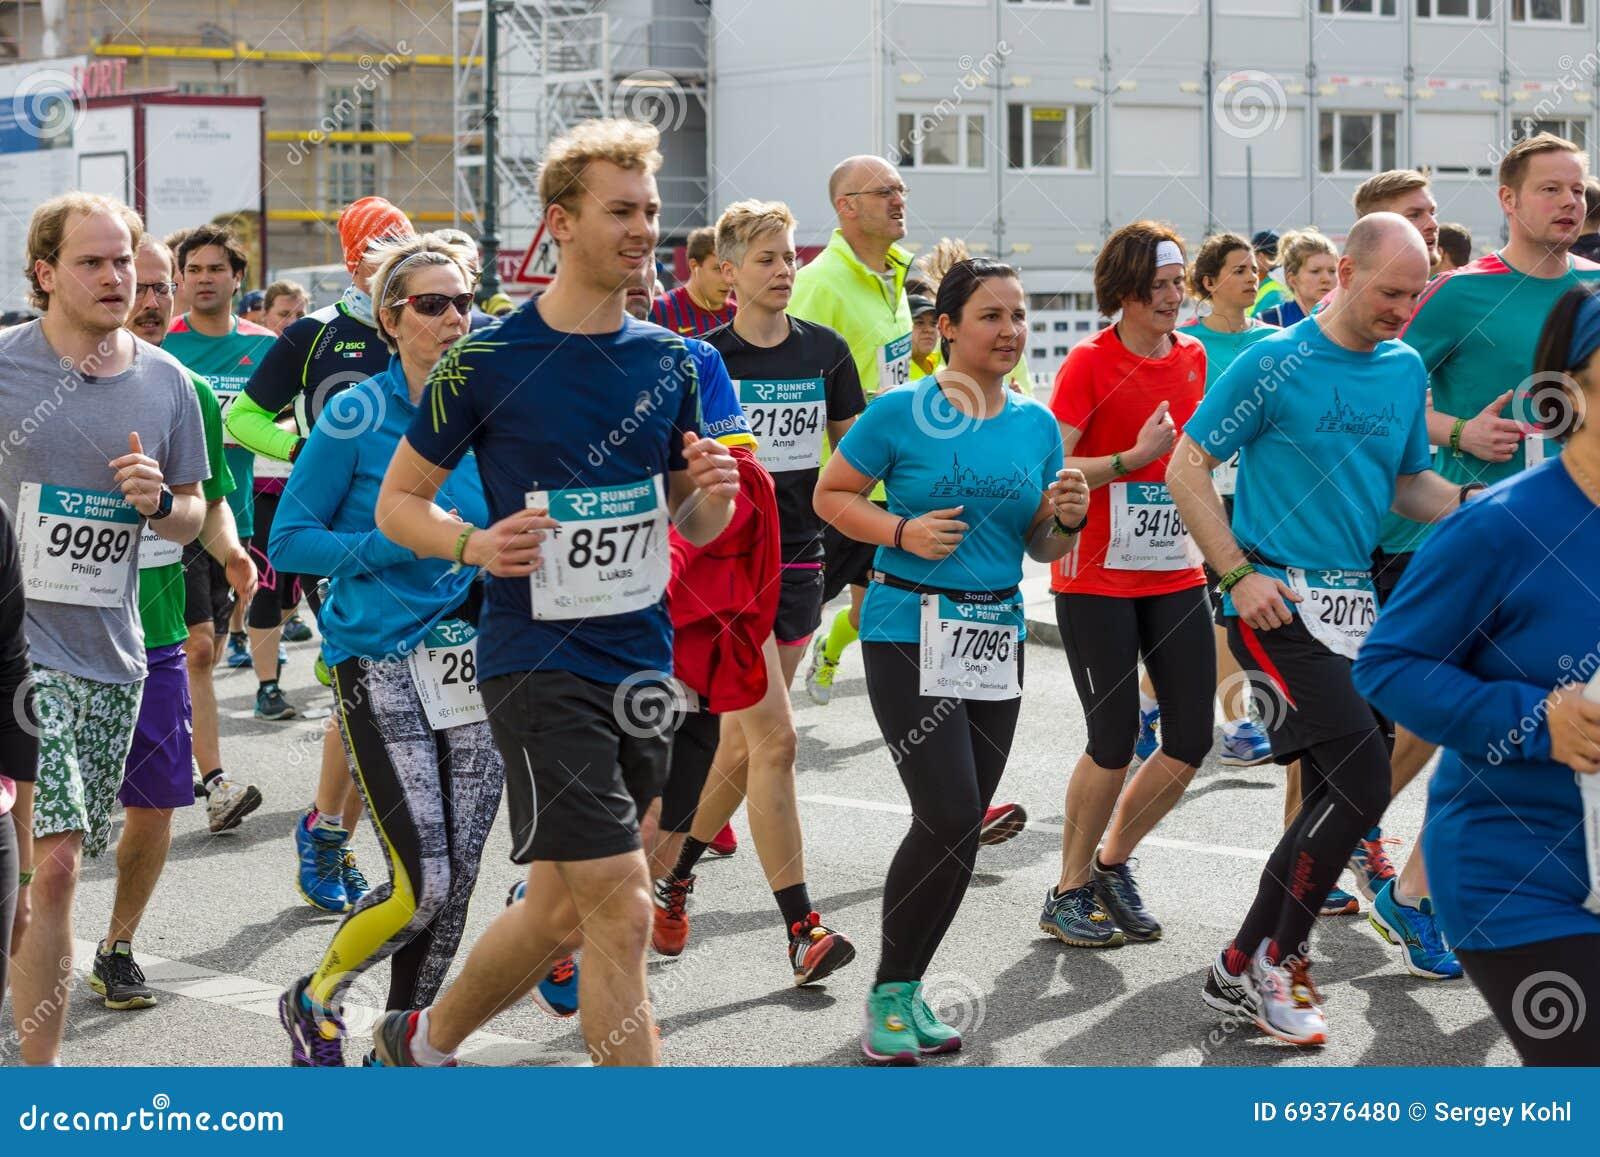 Race City Berlin